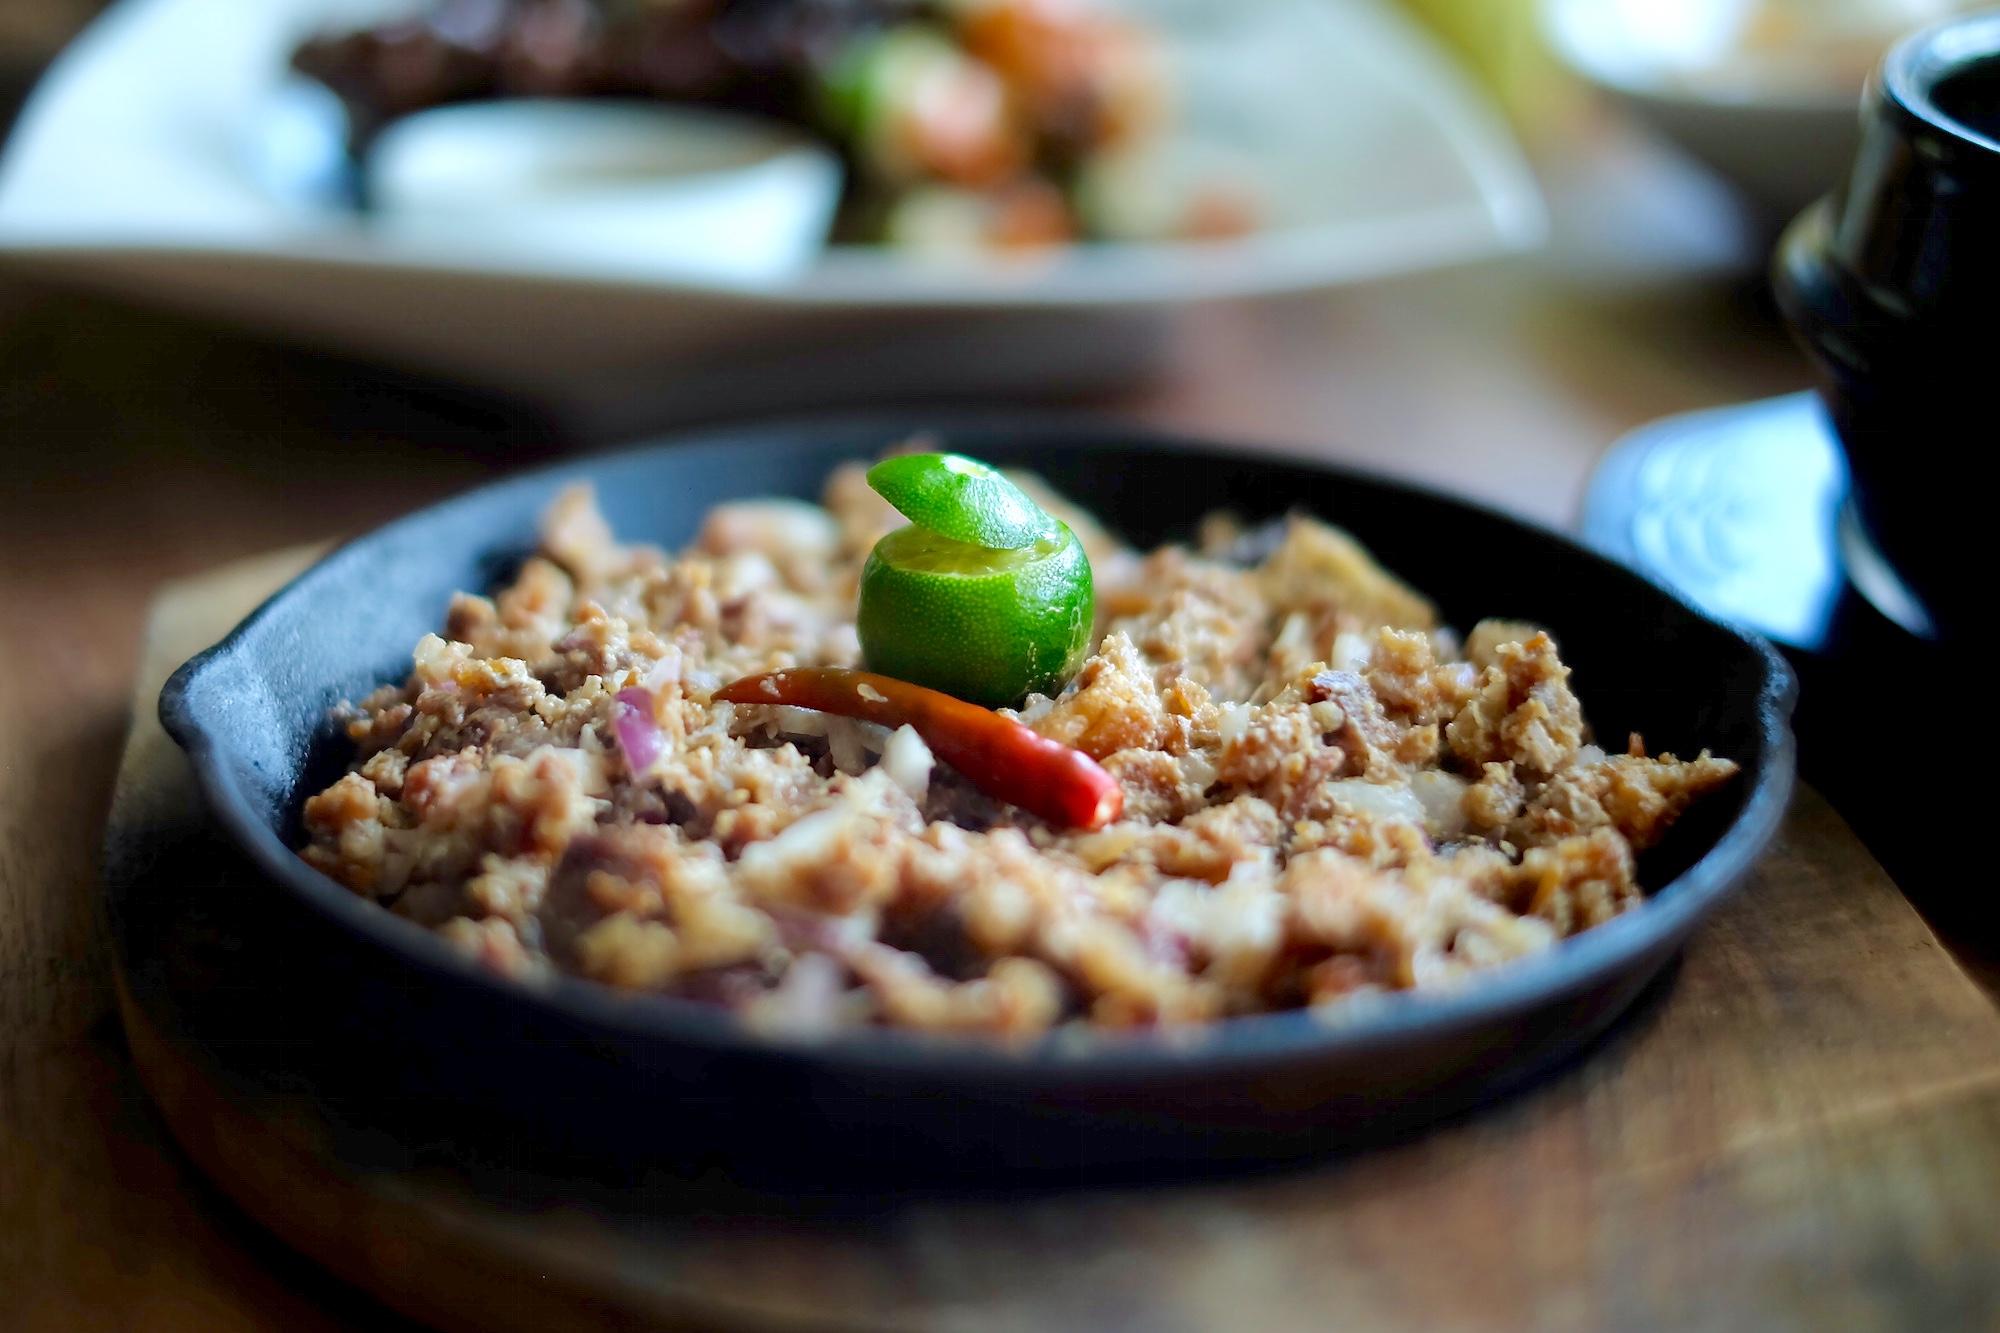 Kabisera Pork and Beef Sisig.